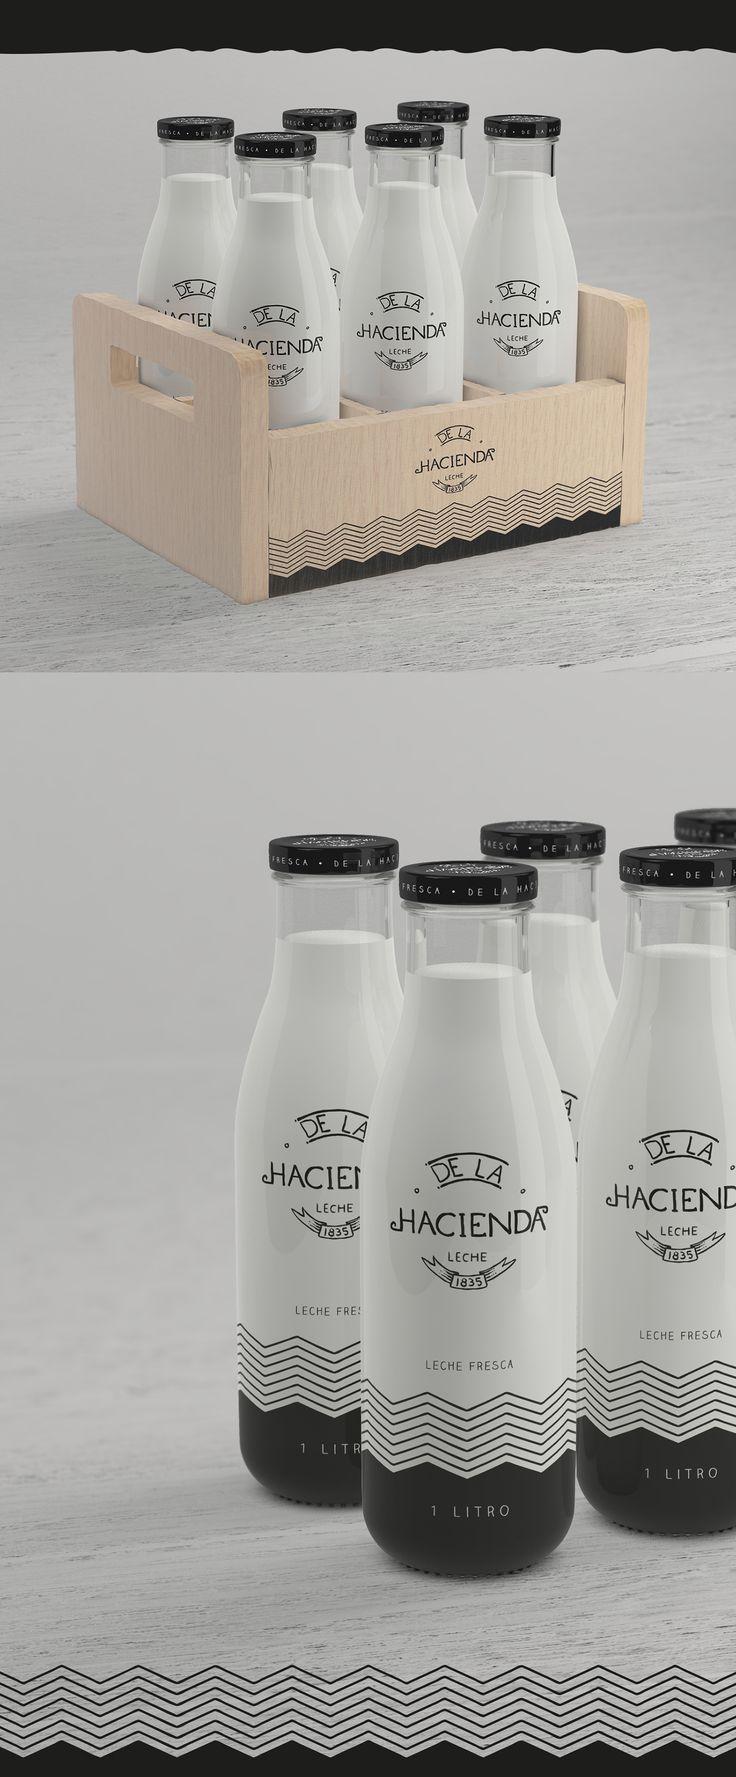 La Hacienda - Leche fresca / Milk bottle Package on Behance